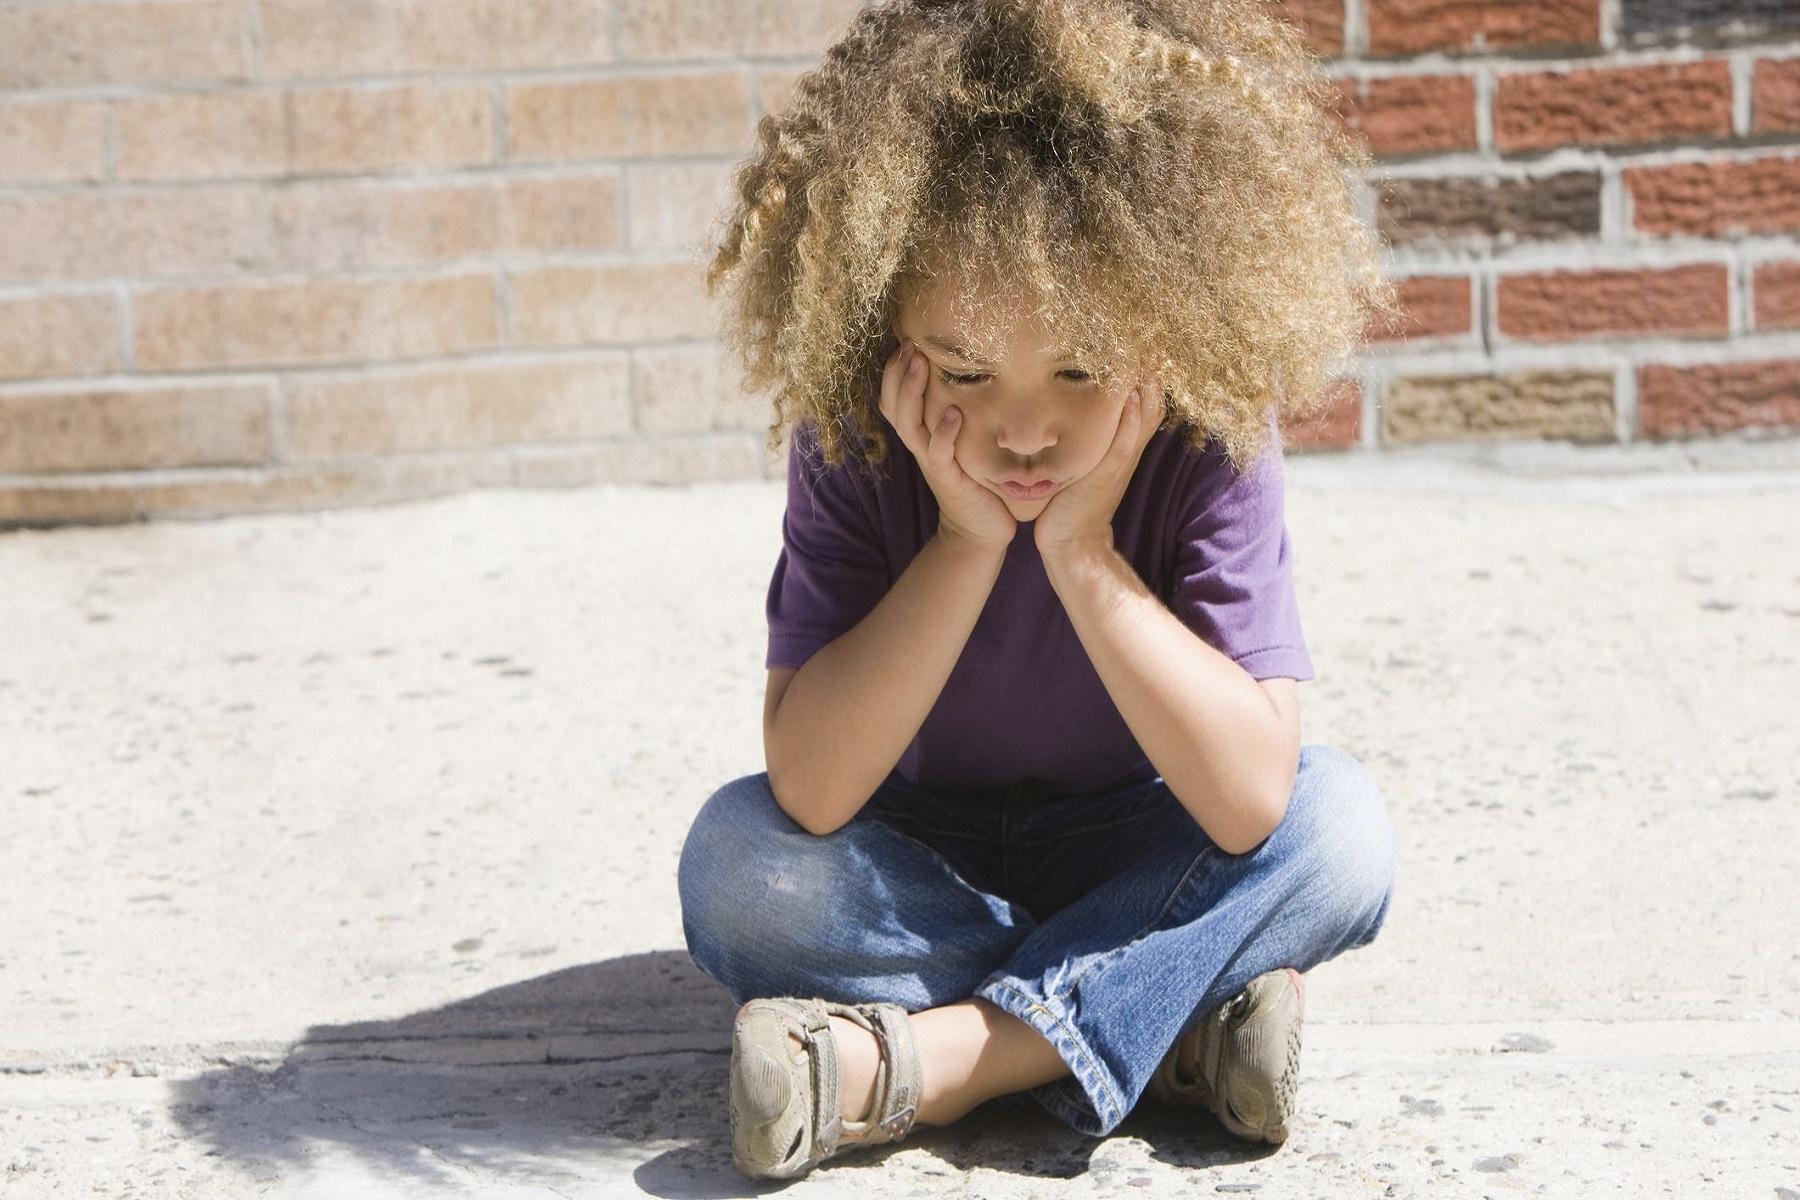 ΔΕΠΥ Παιδιά: Κατάλληλη συμπεριφορά γονιών στα υπερβολικά ξεσπάσματα